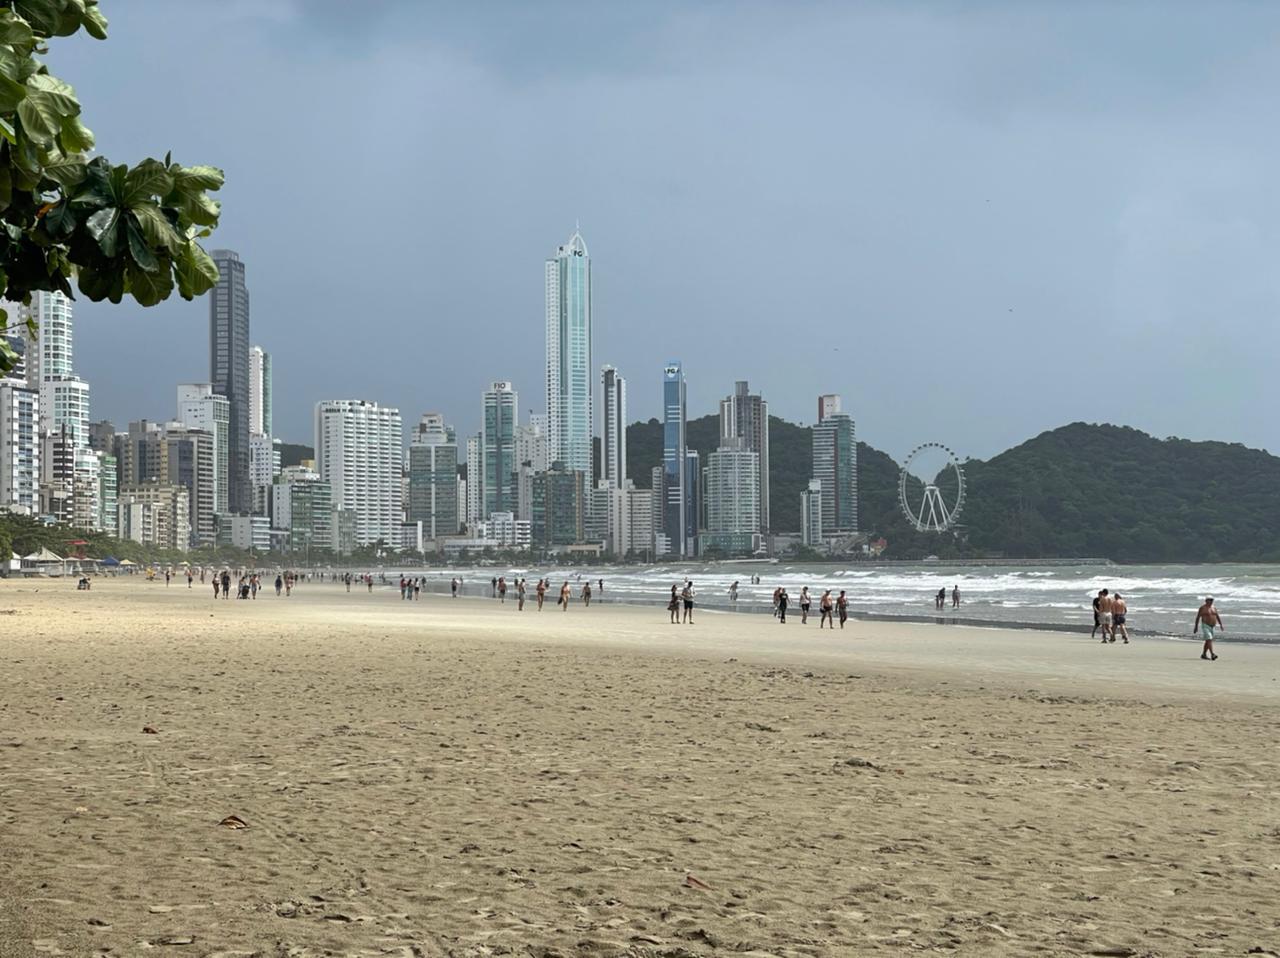 Praia Central de Balneário Camboriú tinha certa movimentação de pessoas - Bruna Bertoletti/NDTV